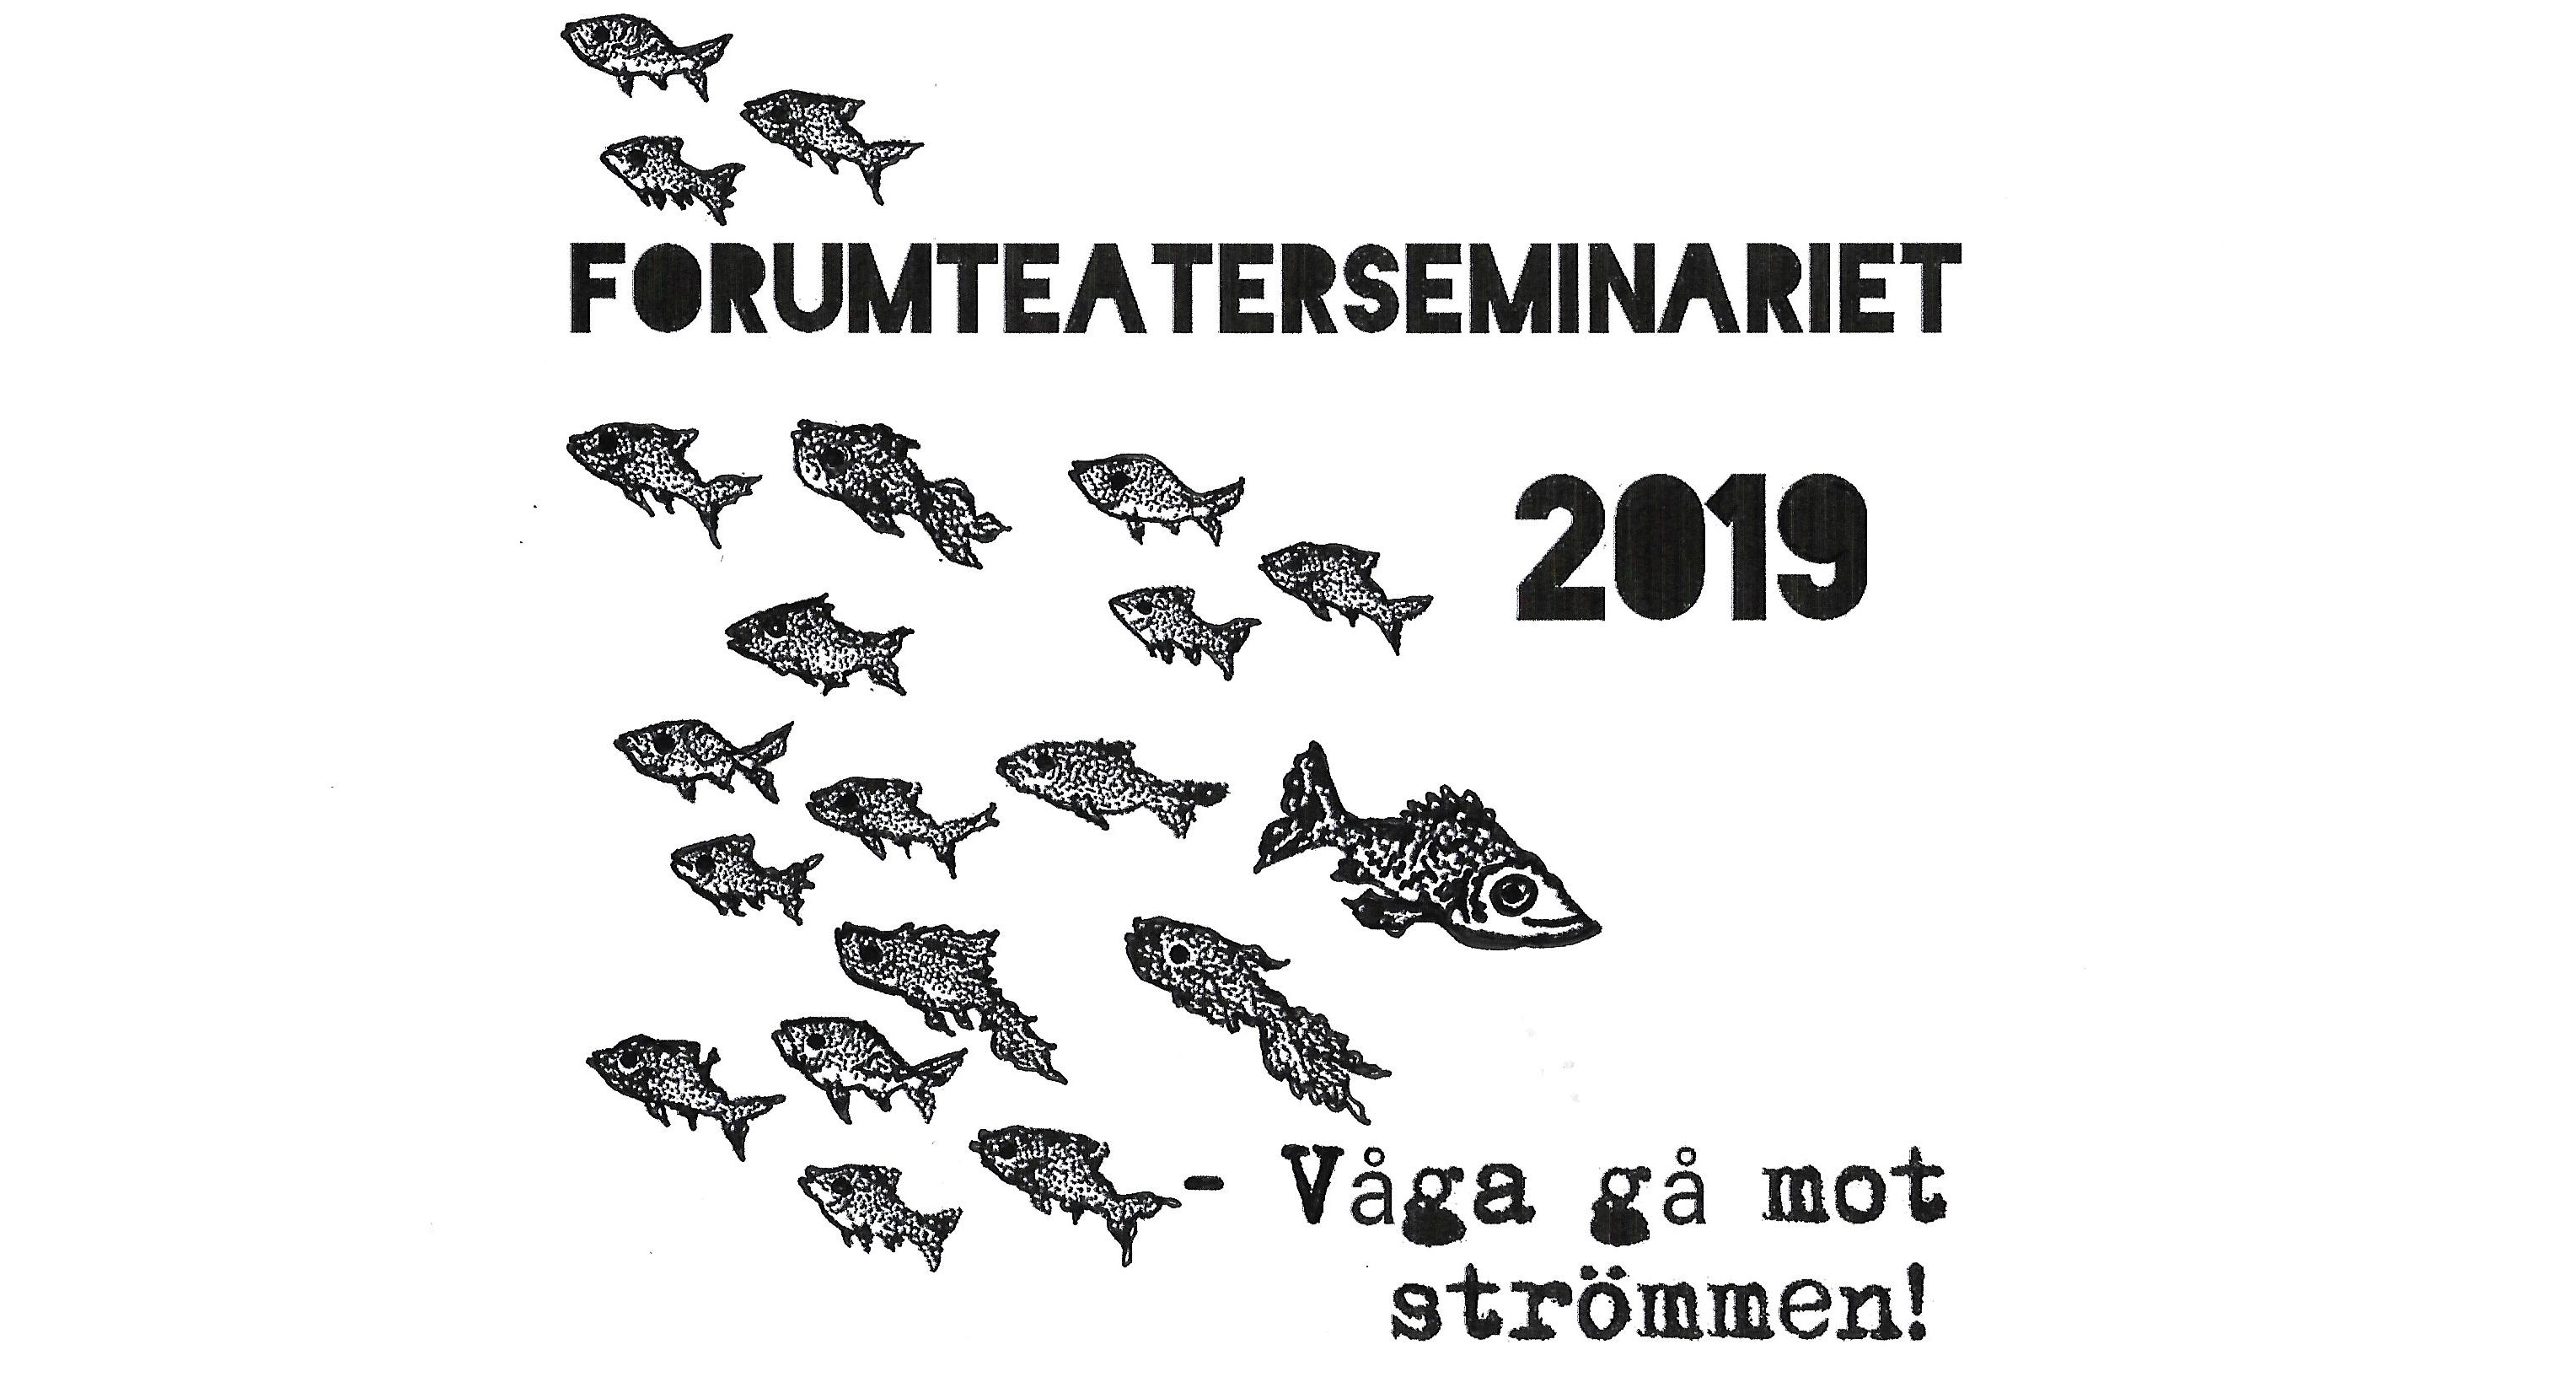 Forumteaterseminariet 2019 – Våga gå mot strömmen!